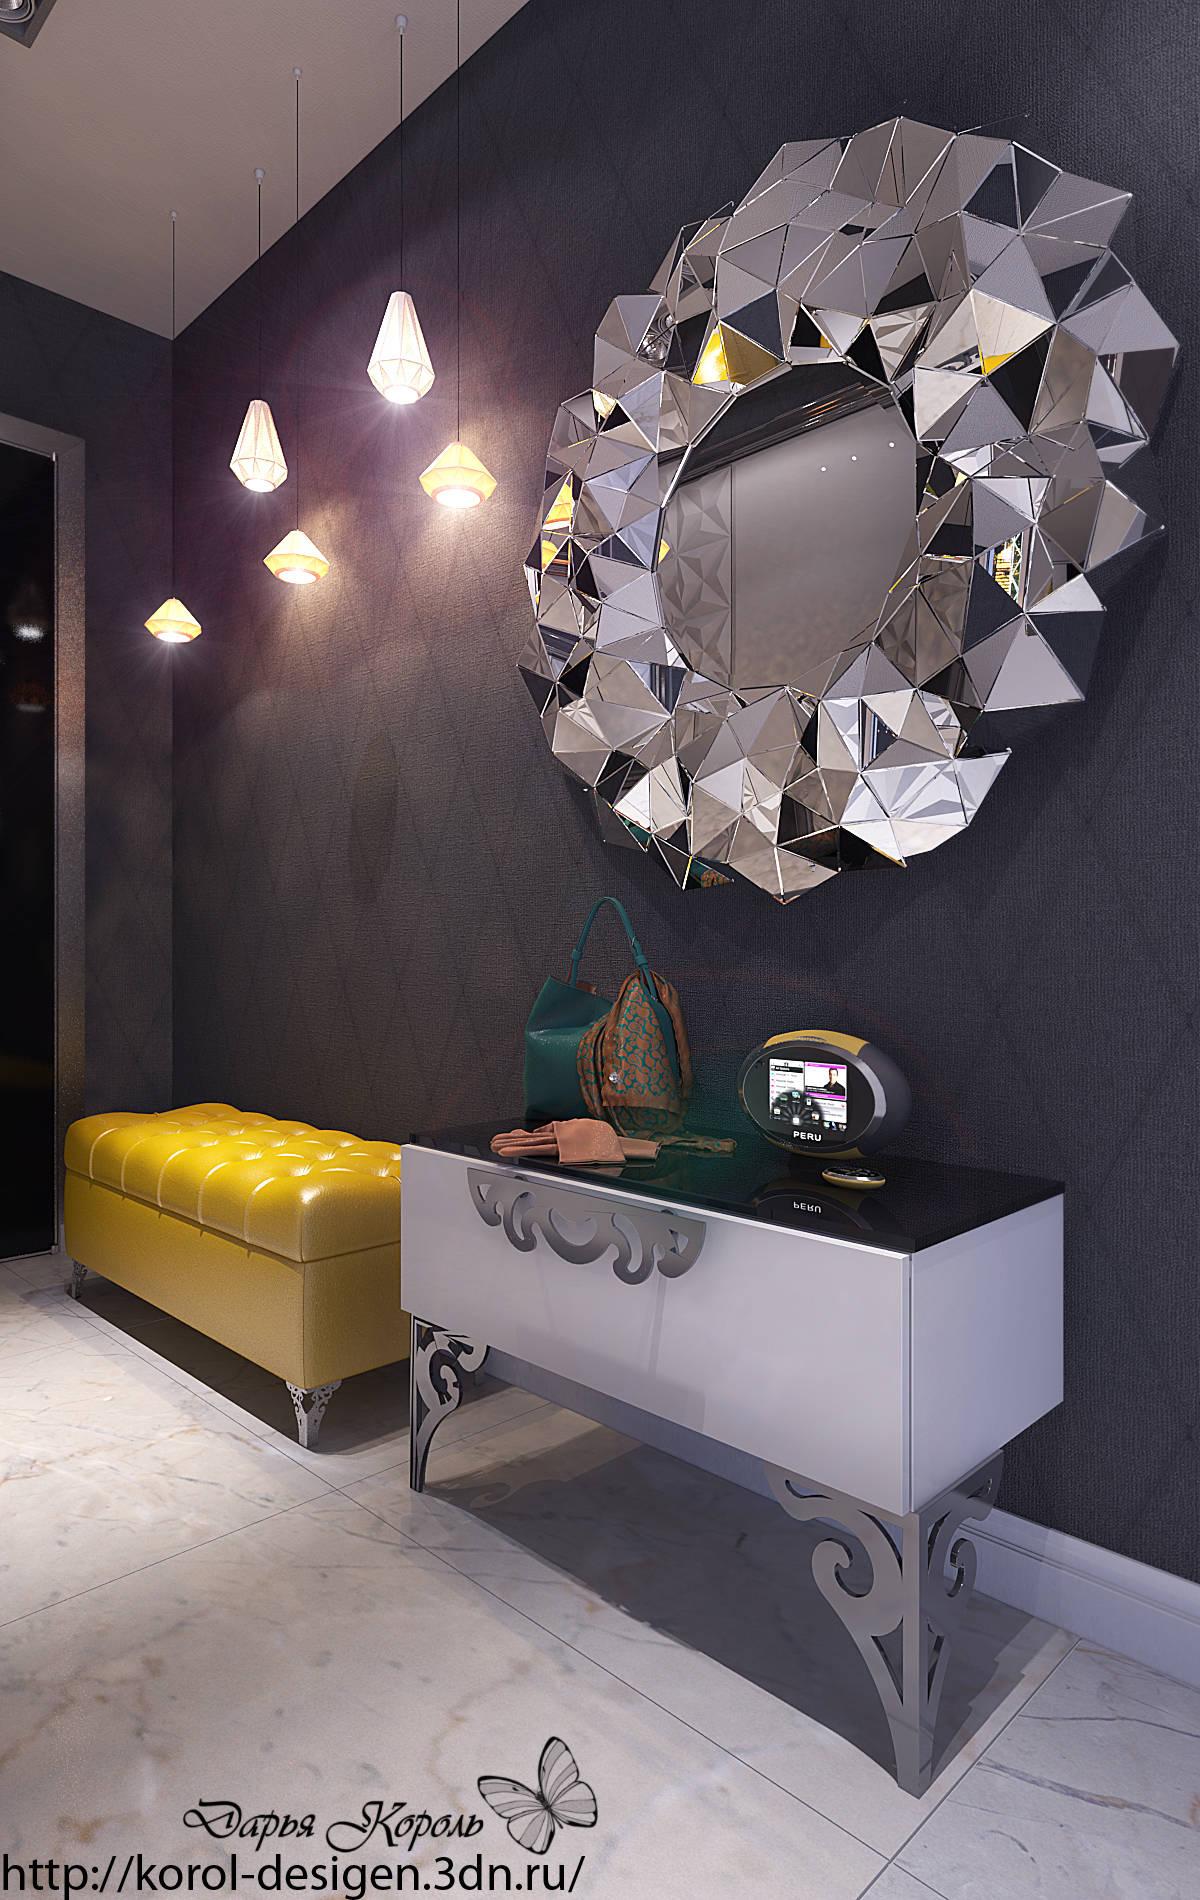 studio room for hotel Dubai United Arab Emirates